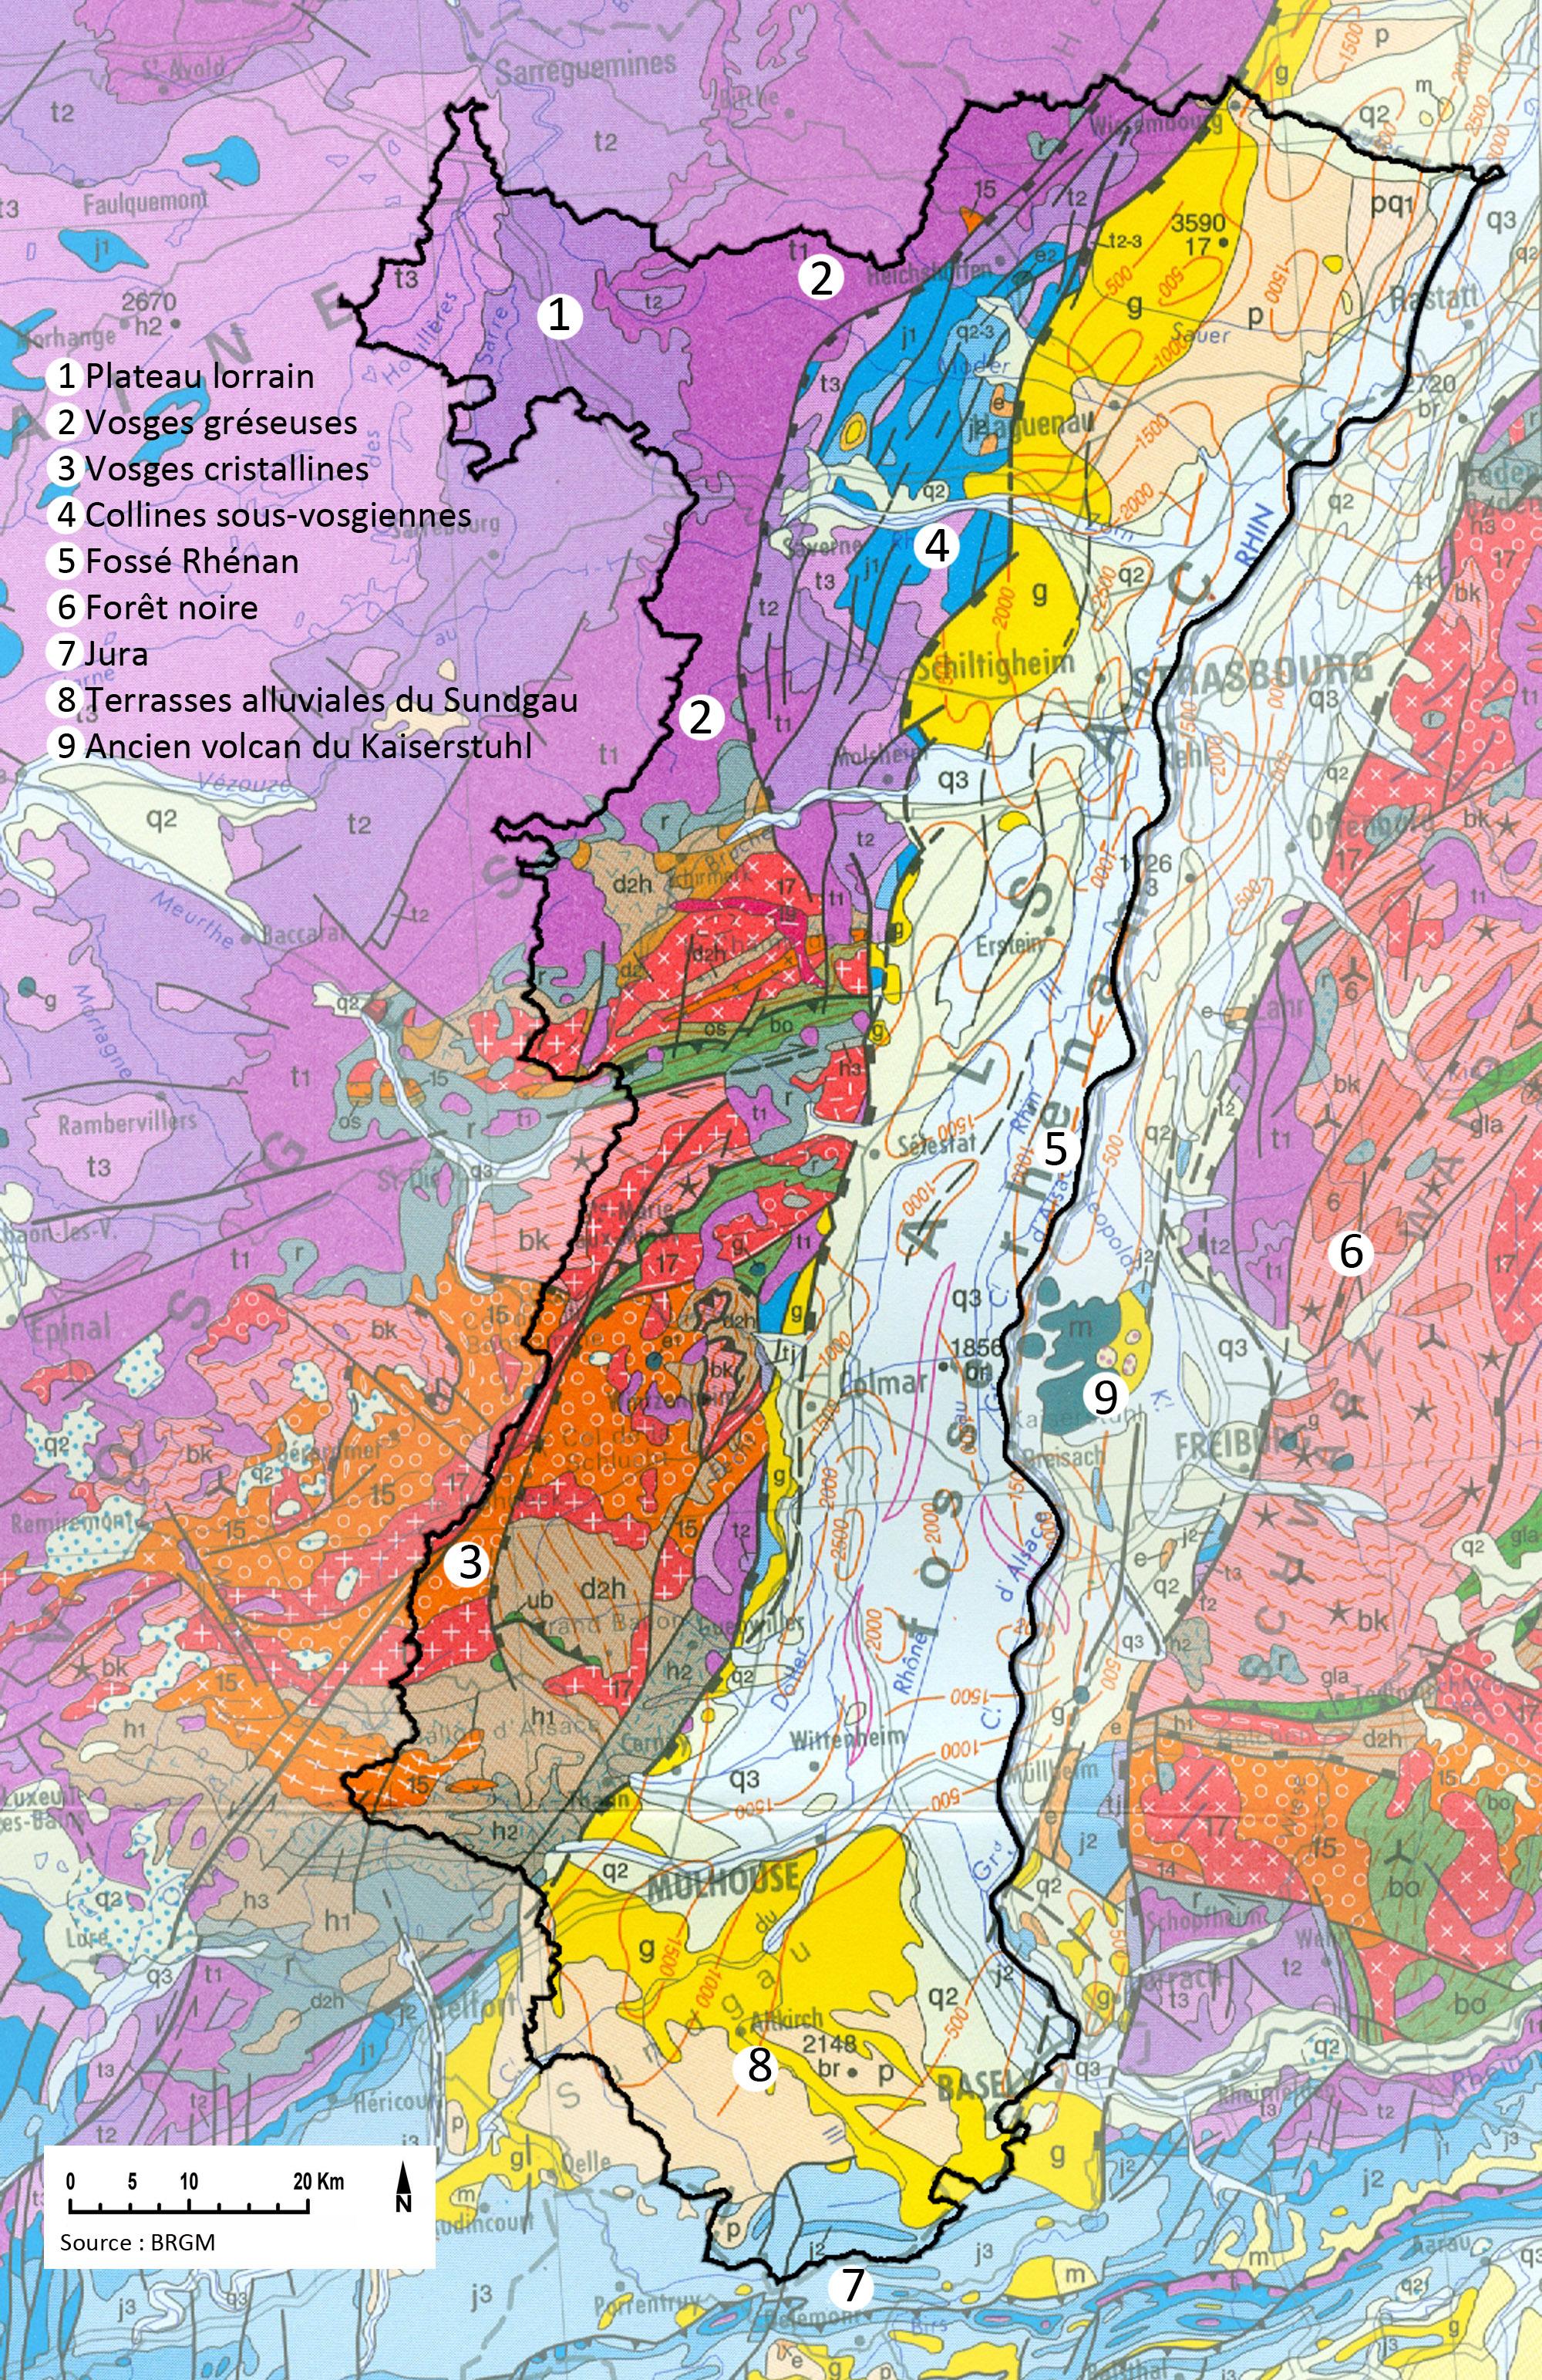 Carte Calcaire Alsace.Carte Geologique De L Alsace La Plaine D Alsace Correspond